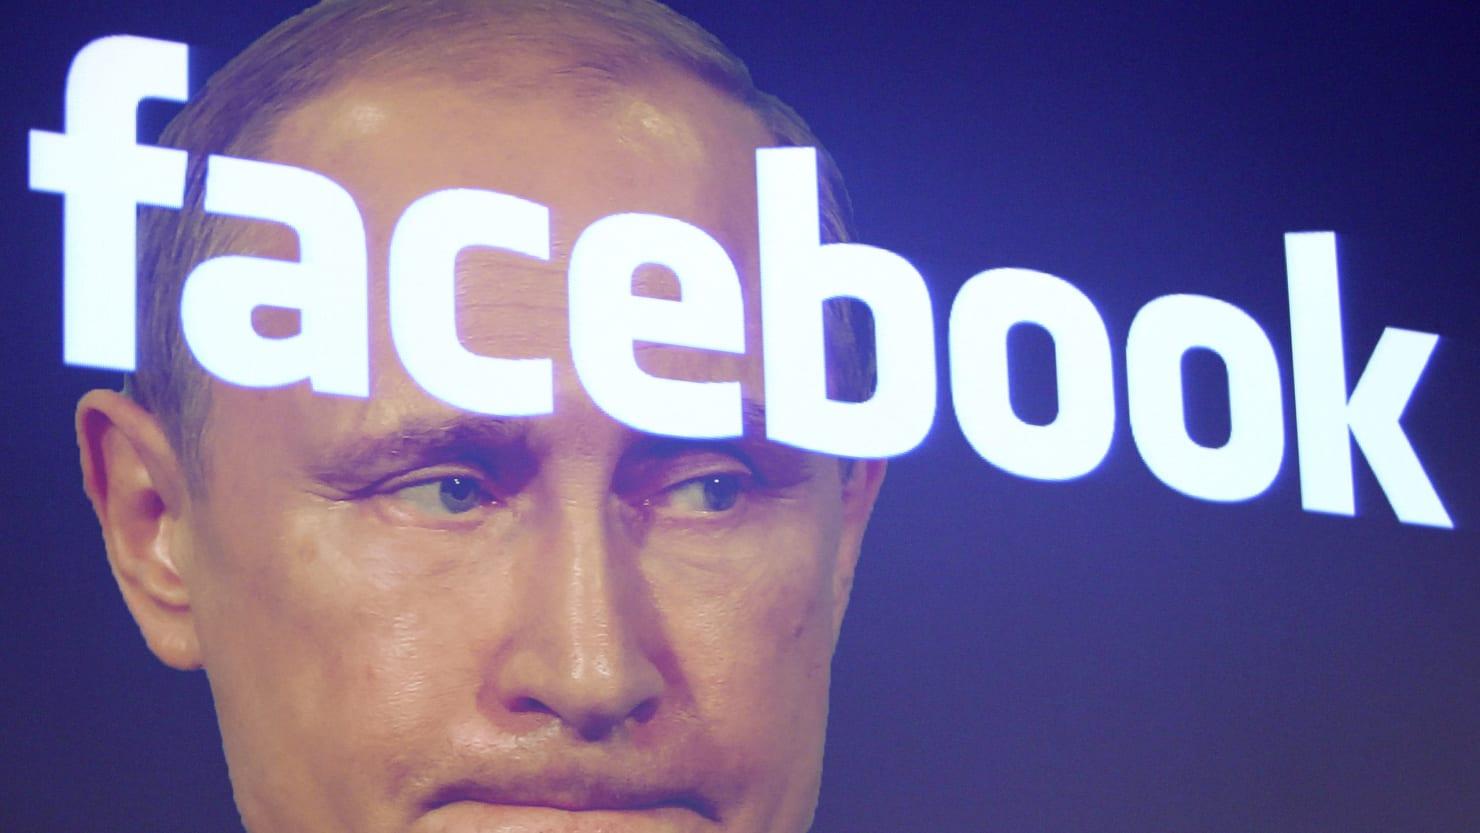 فیس بوک درصورتی که کاربرانش یک حساب جعلی روسیهای را لایک کنند، آنها را مطلع خواهد کرد